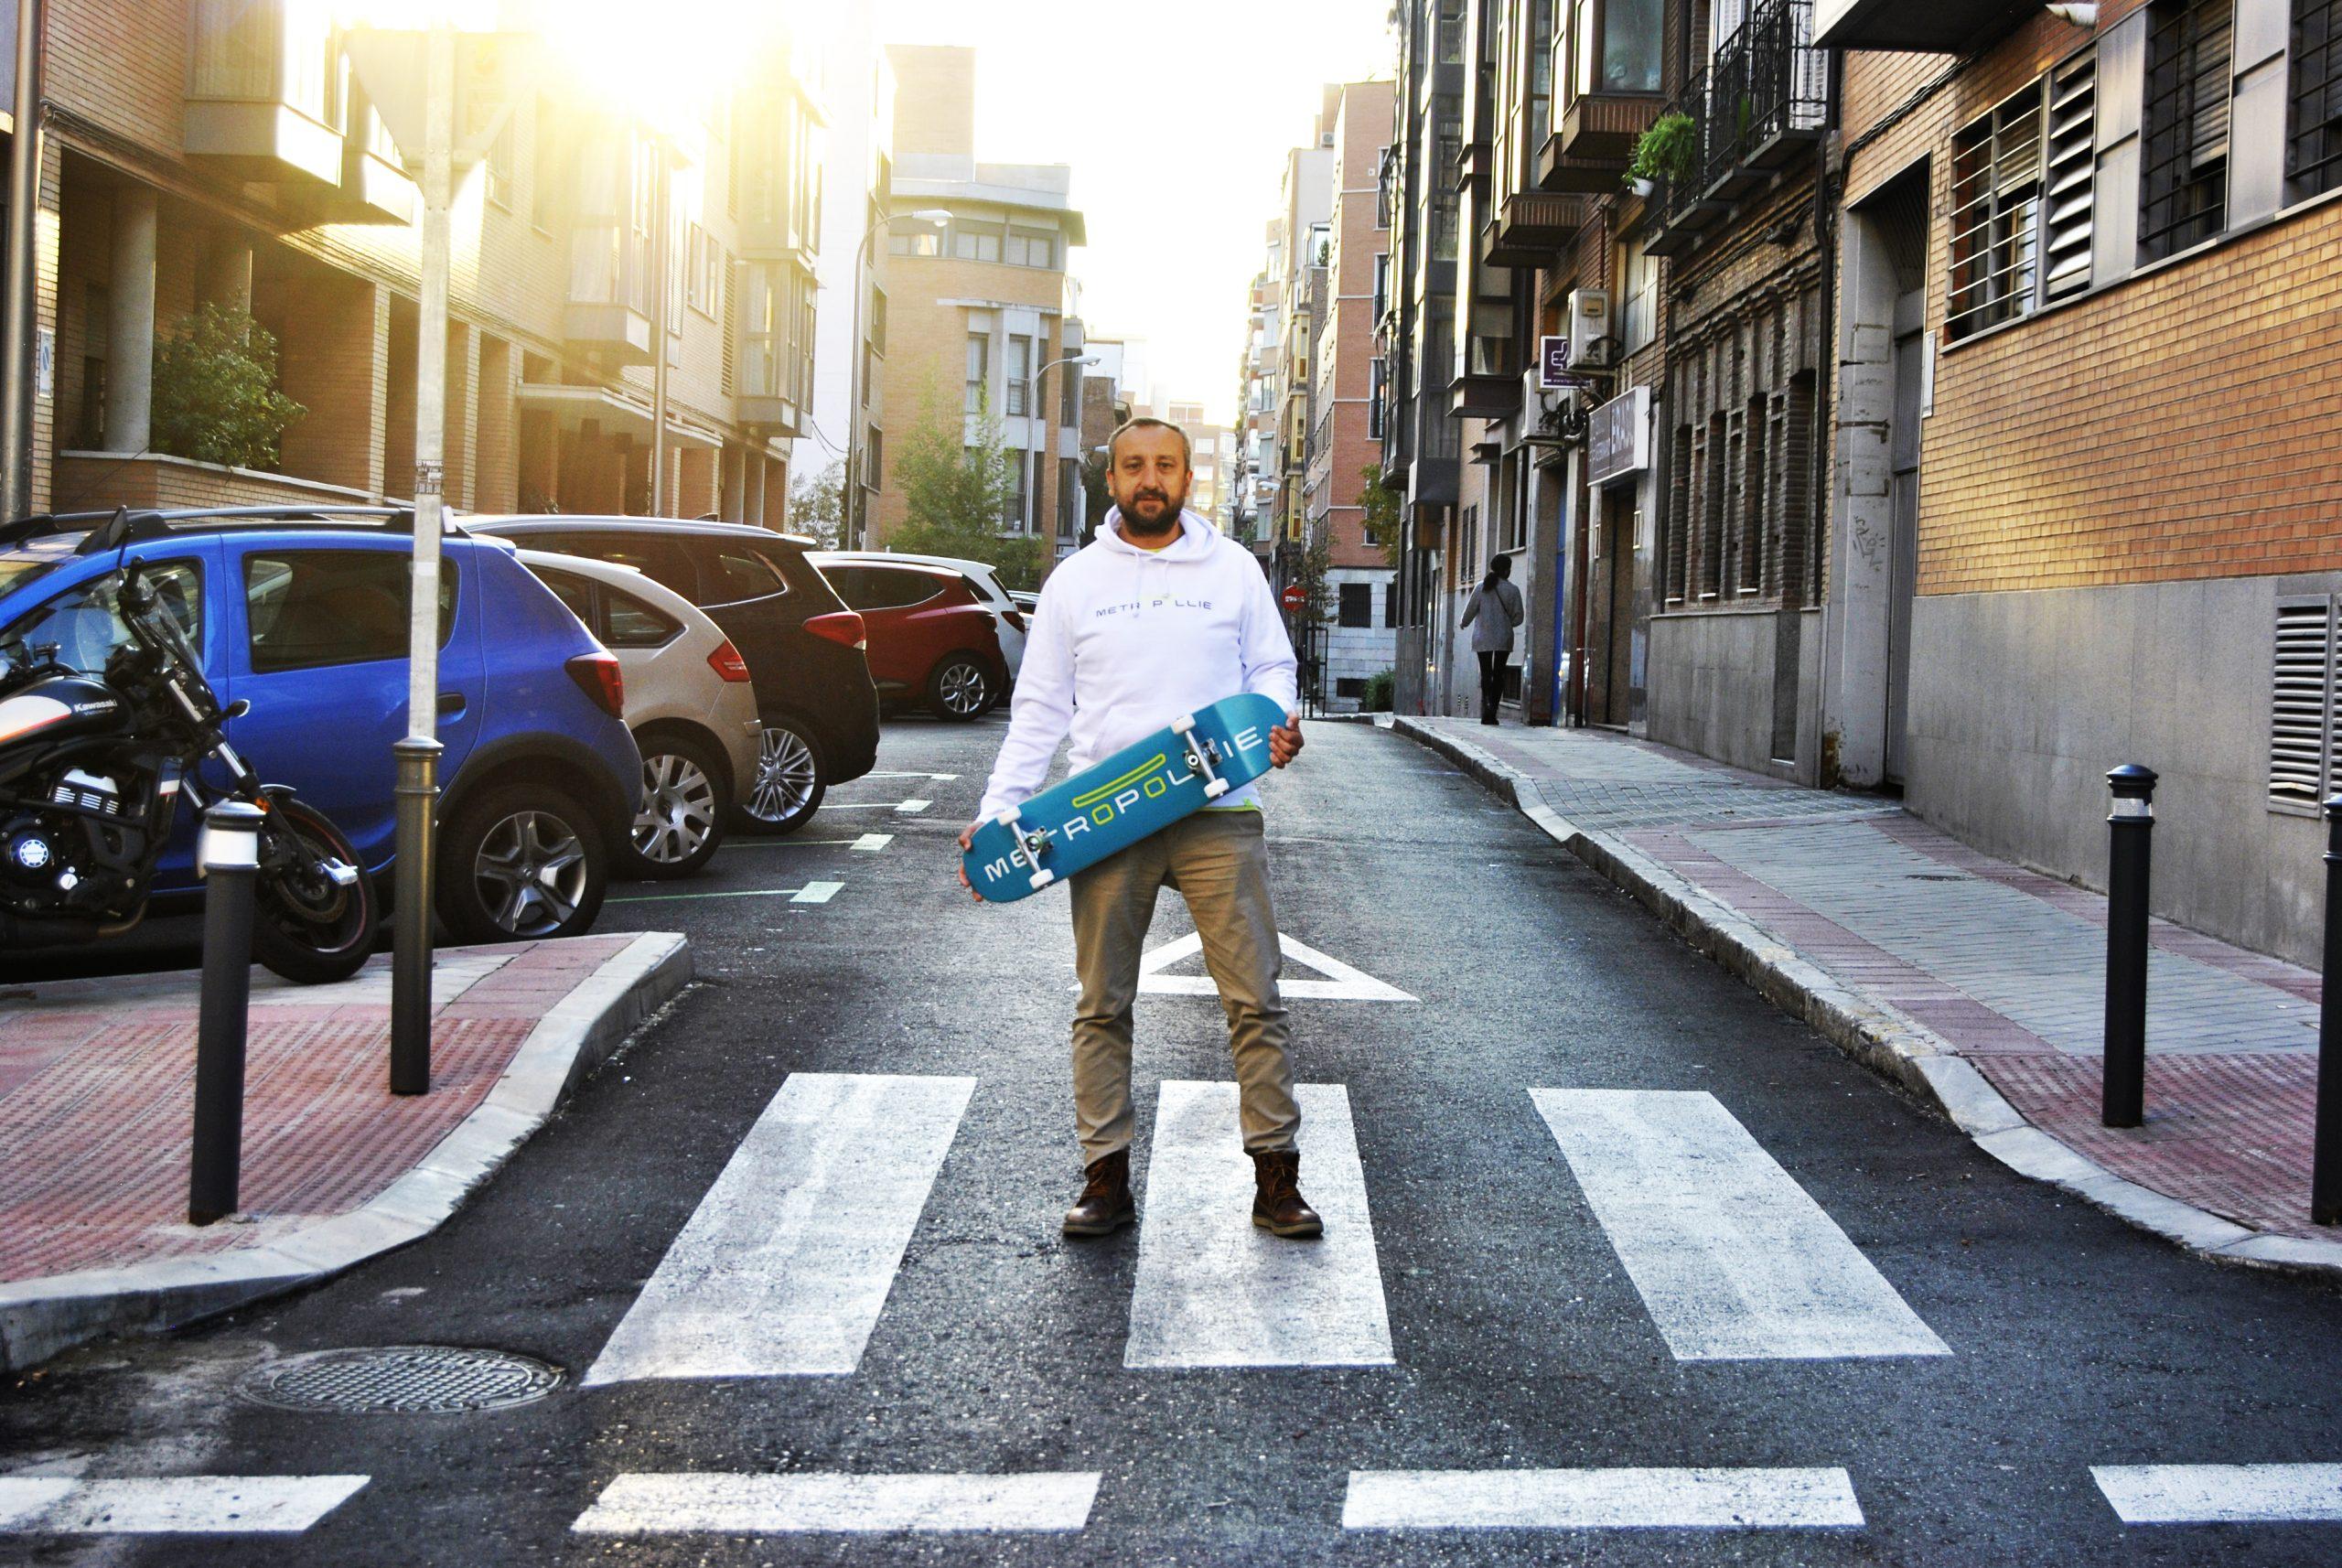 """Metropollie llega al mercado con """"NO+"""", su colección de skates y ropa urbana con conciencia social"""